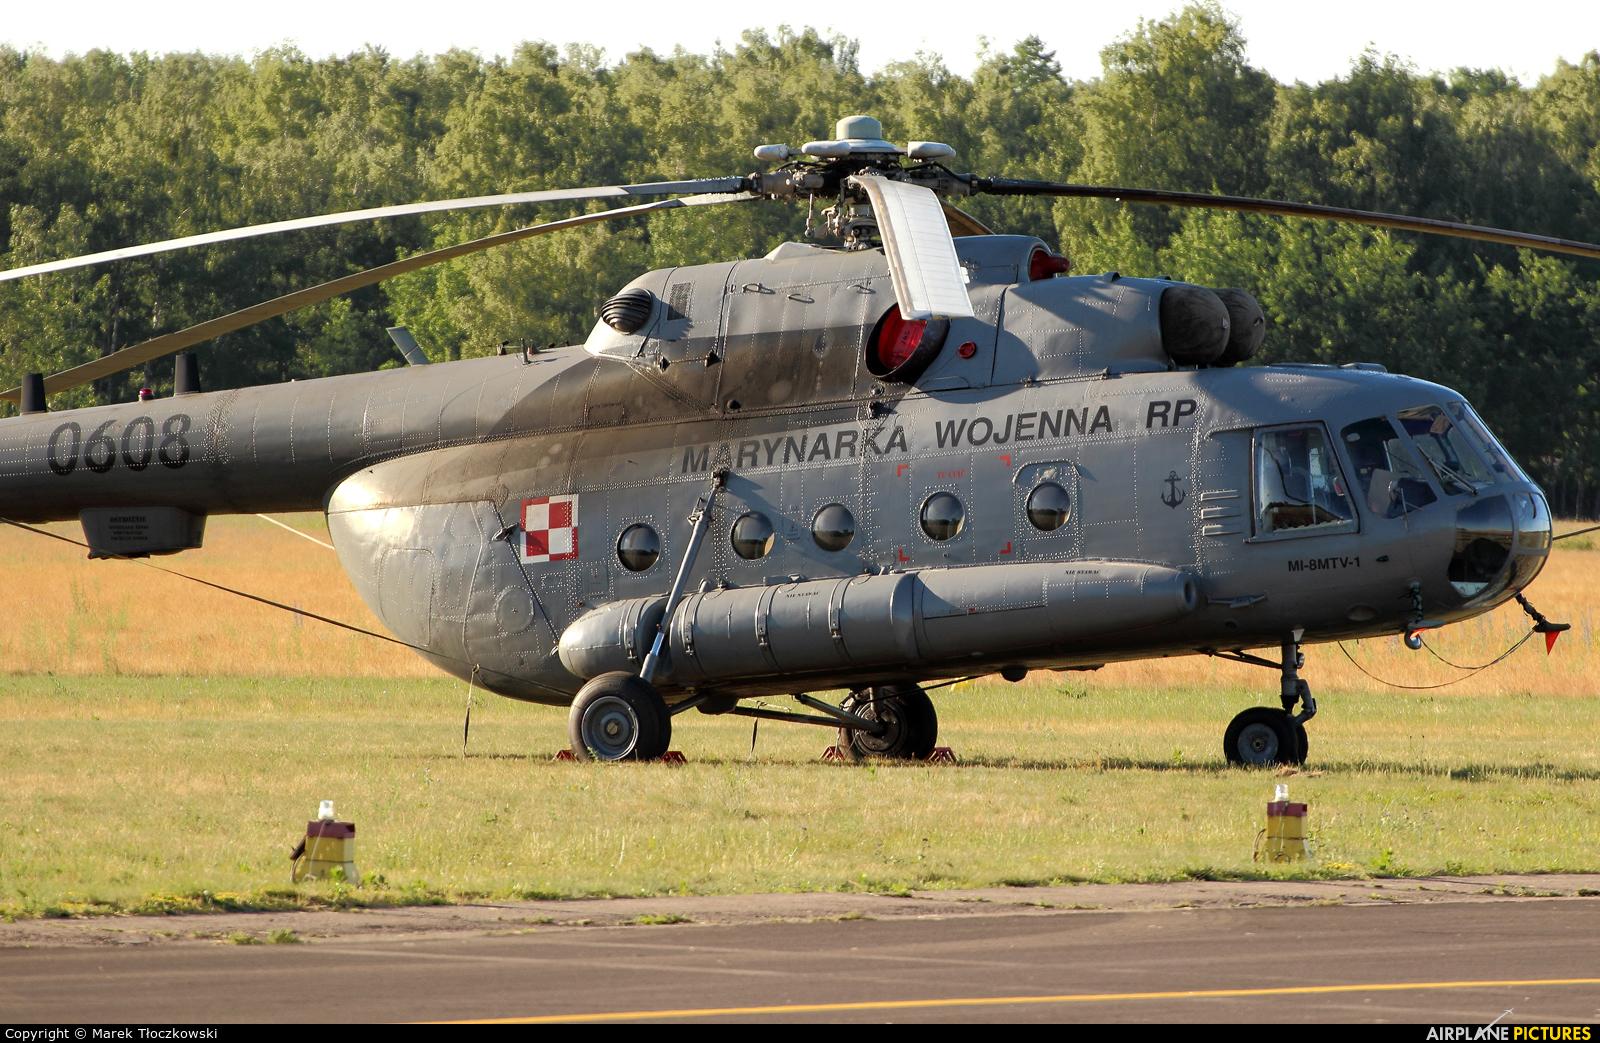 Poland - Army 0608 aircraft at Warsaw - Babice